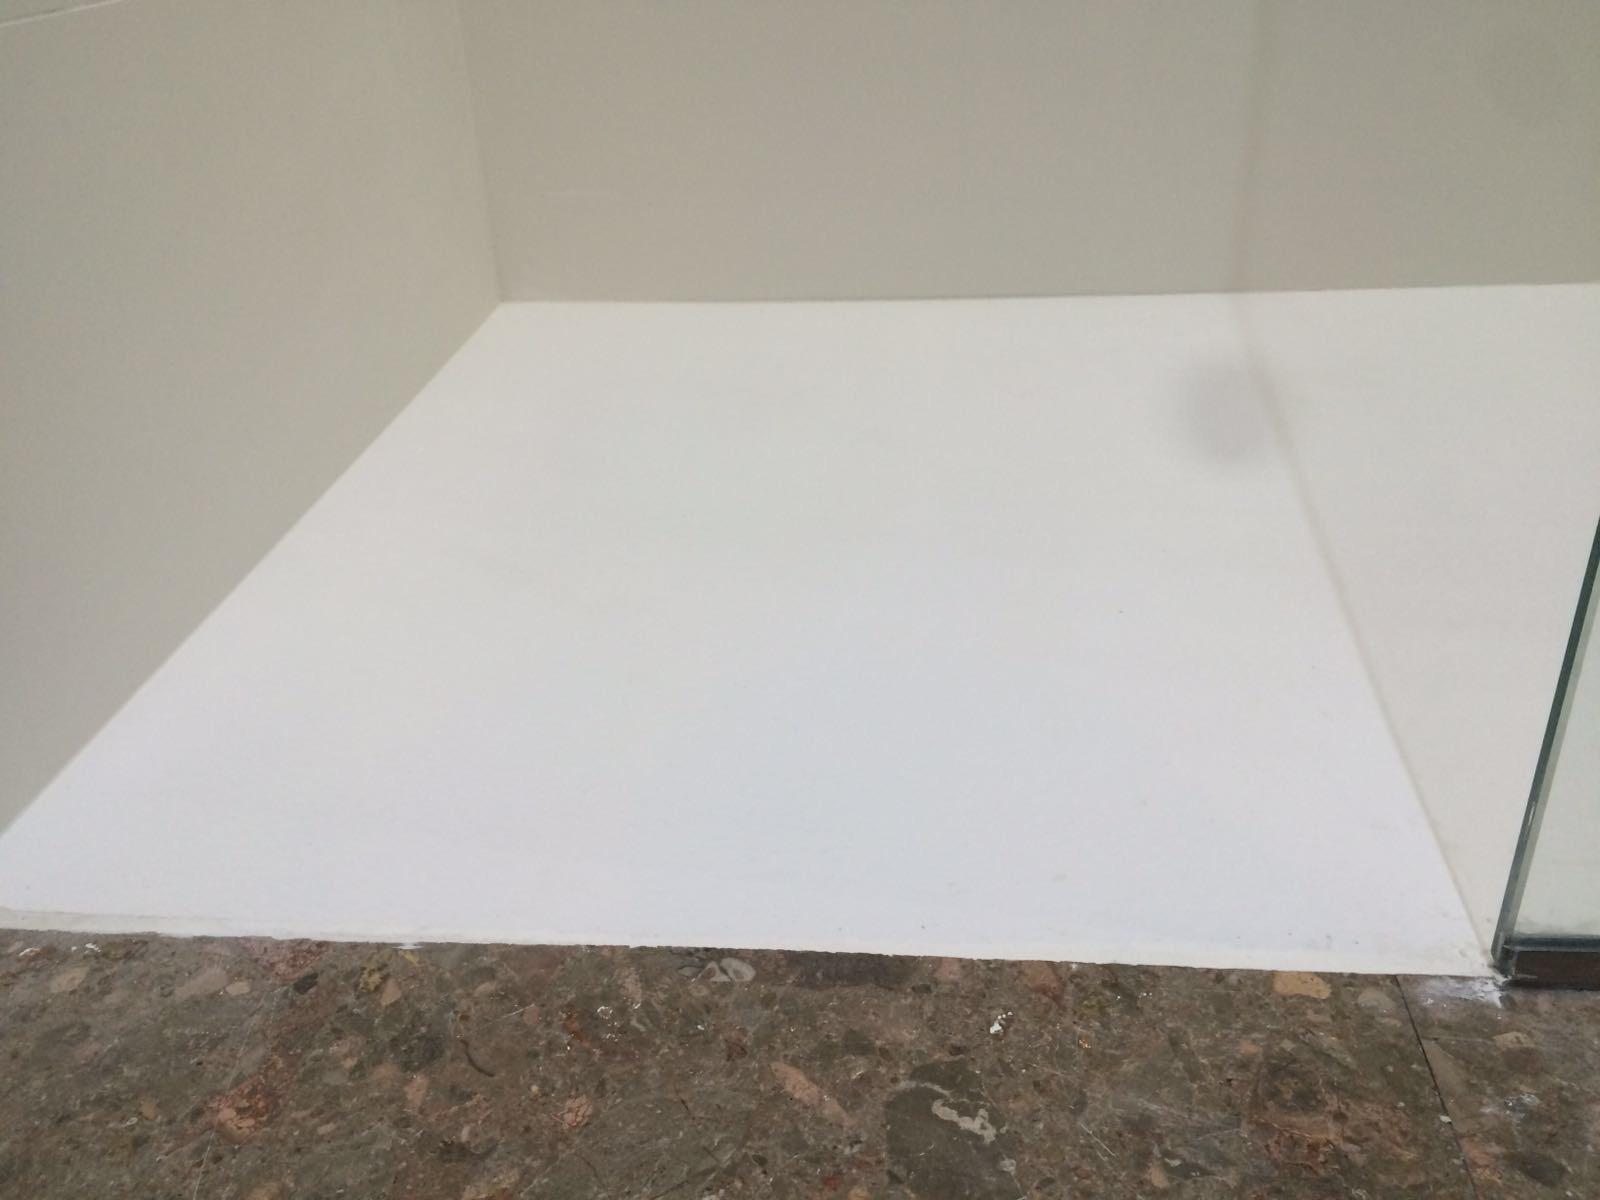 Como instalar un plato de ducha de resina enrasado for Instalar plato ducha